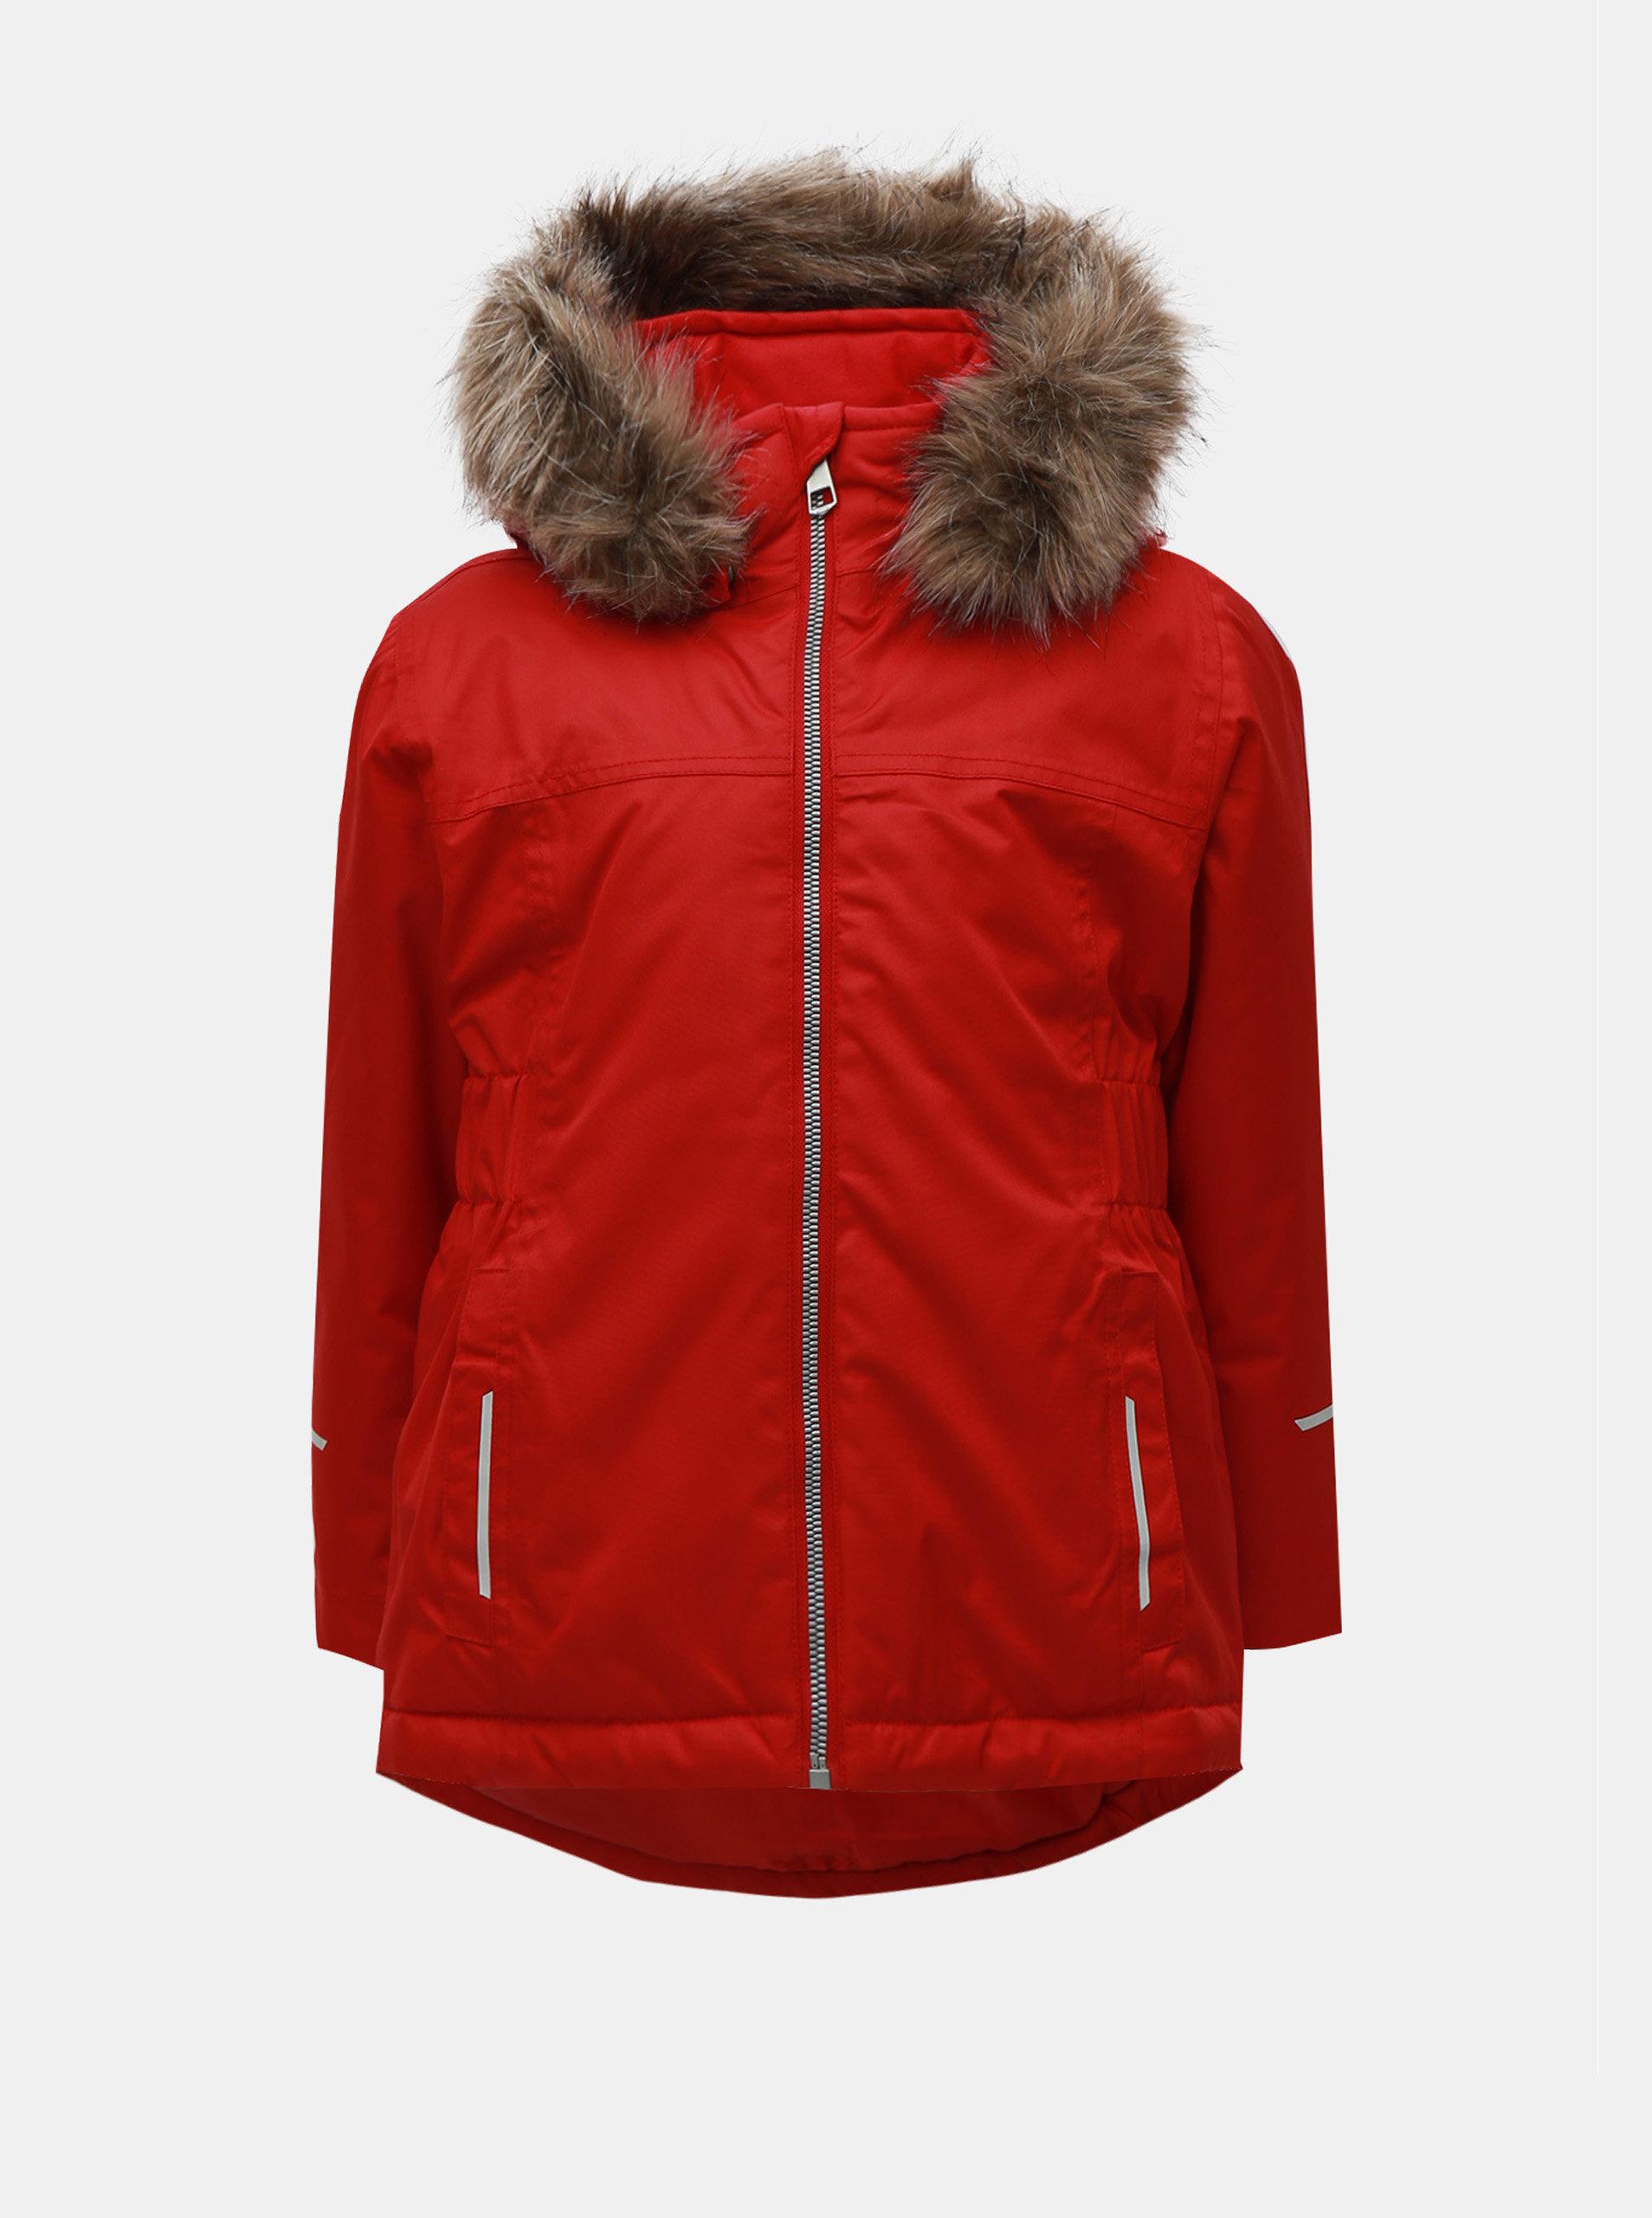 Červená dievčenská funkčná zimná bunda Name it Snow ... 3a2e0b9427b